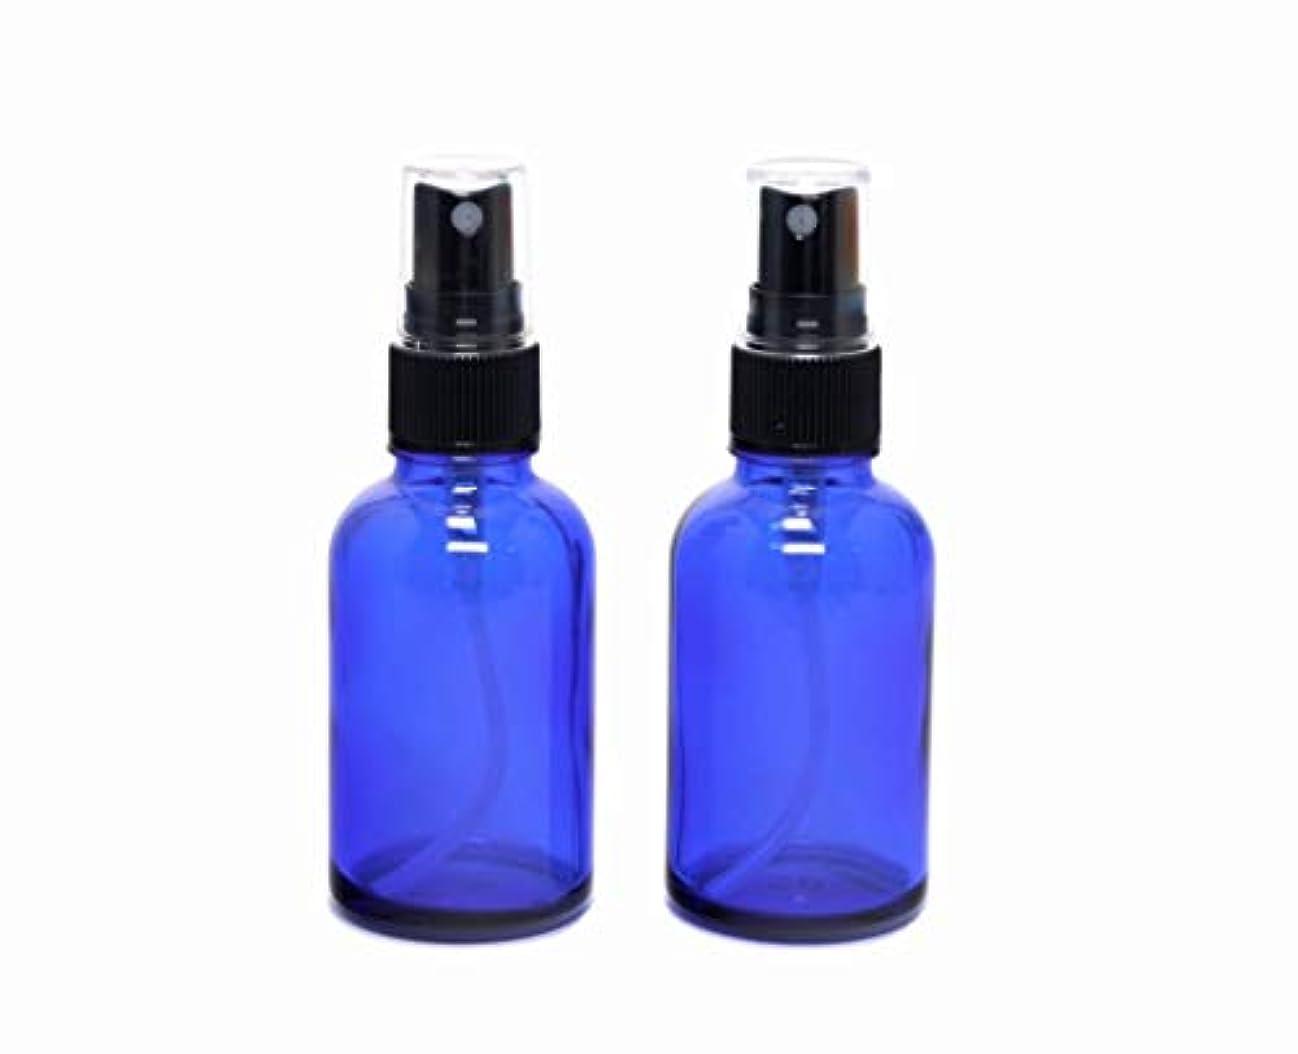 去るテーマ助けになる遮光瓶 蓄圧式ミストのスプレーボトル 50ml コバルトブルー / ( 硝子製?アトマイザー )ブラックヘッド × 2本セット / アロマスプレー用